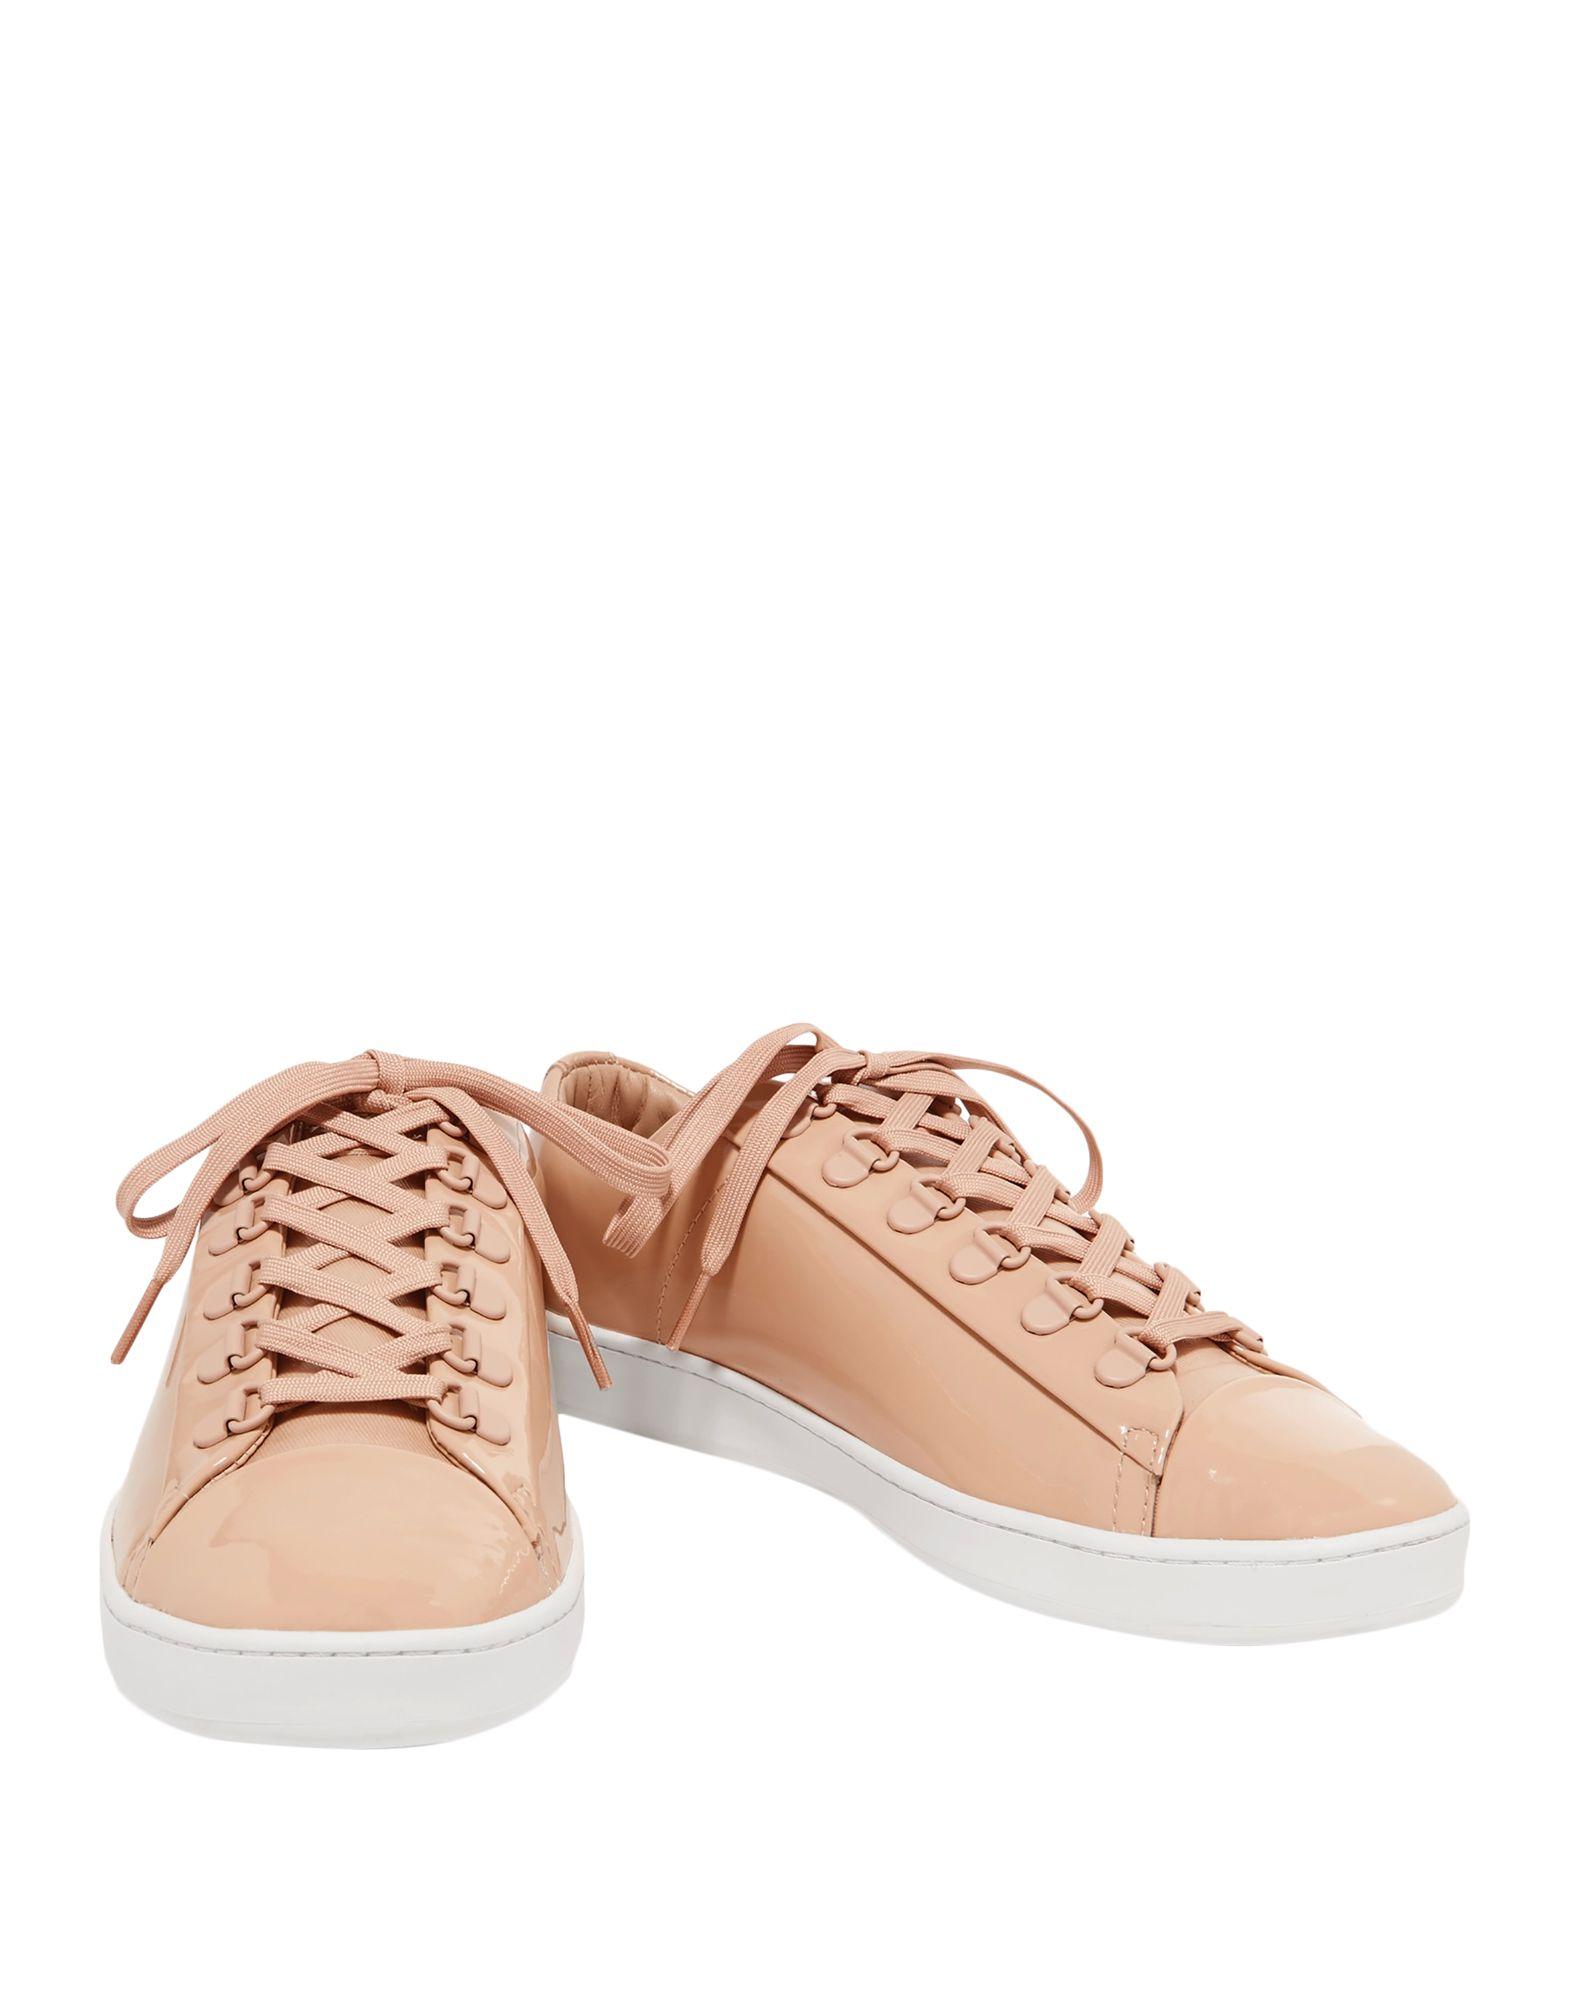 Stilvolle billige  Schuhe Dkny Sneakers Damen  billige 11559337LG c45059